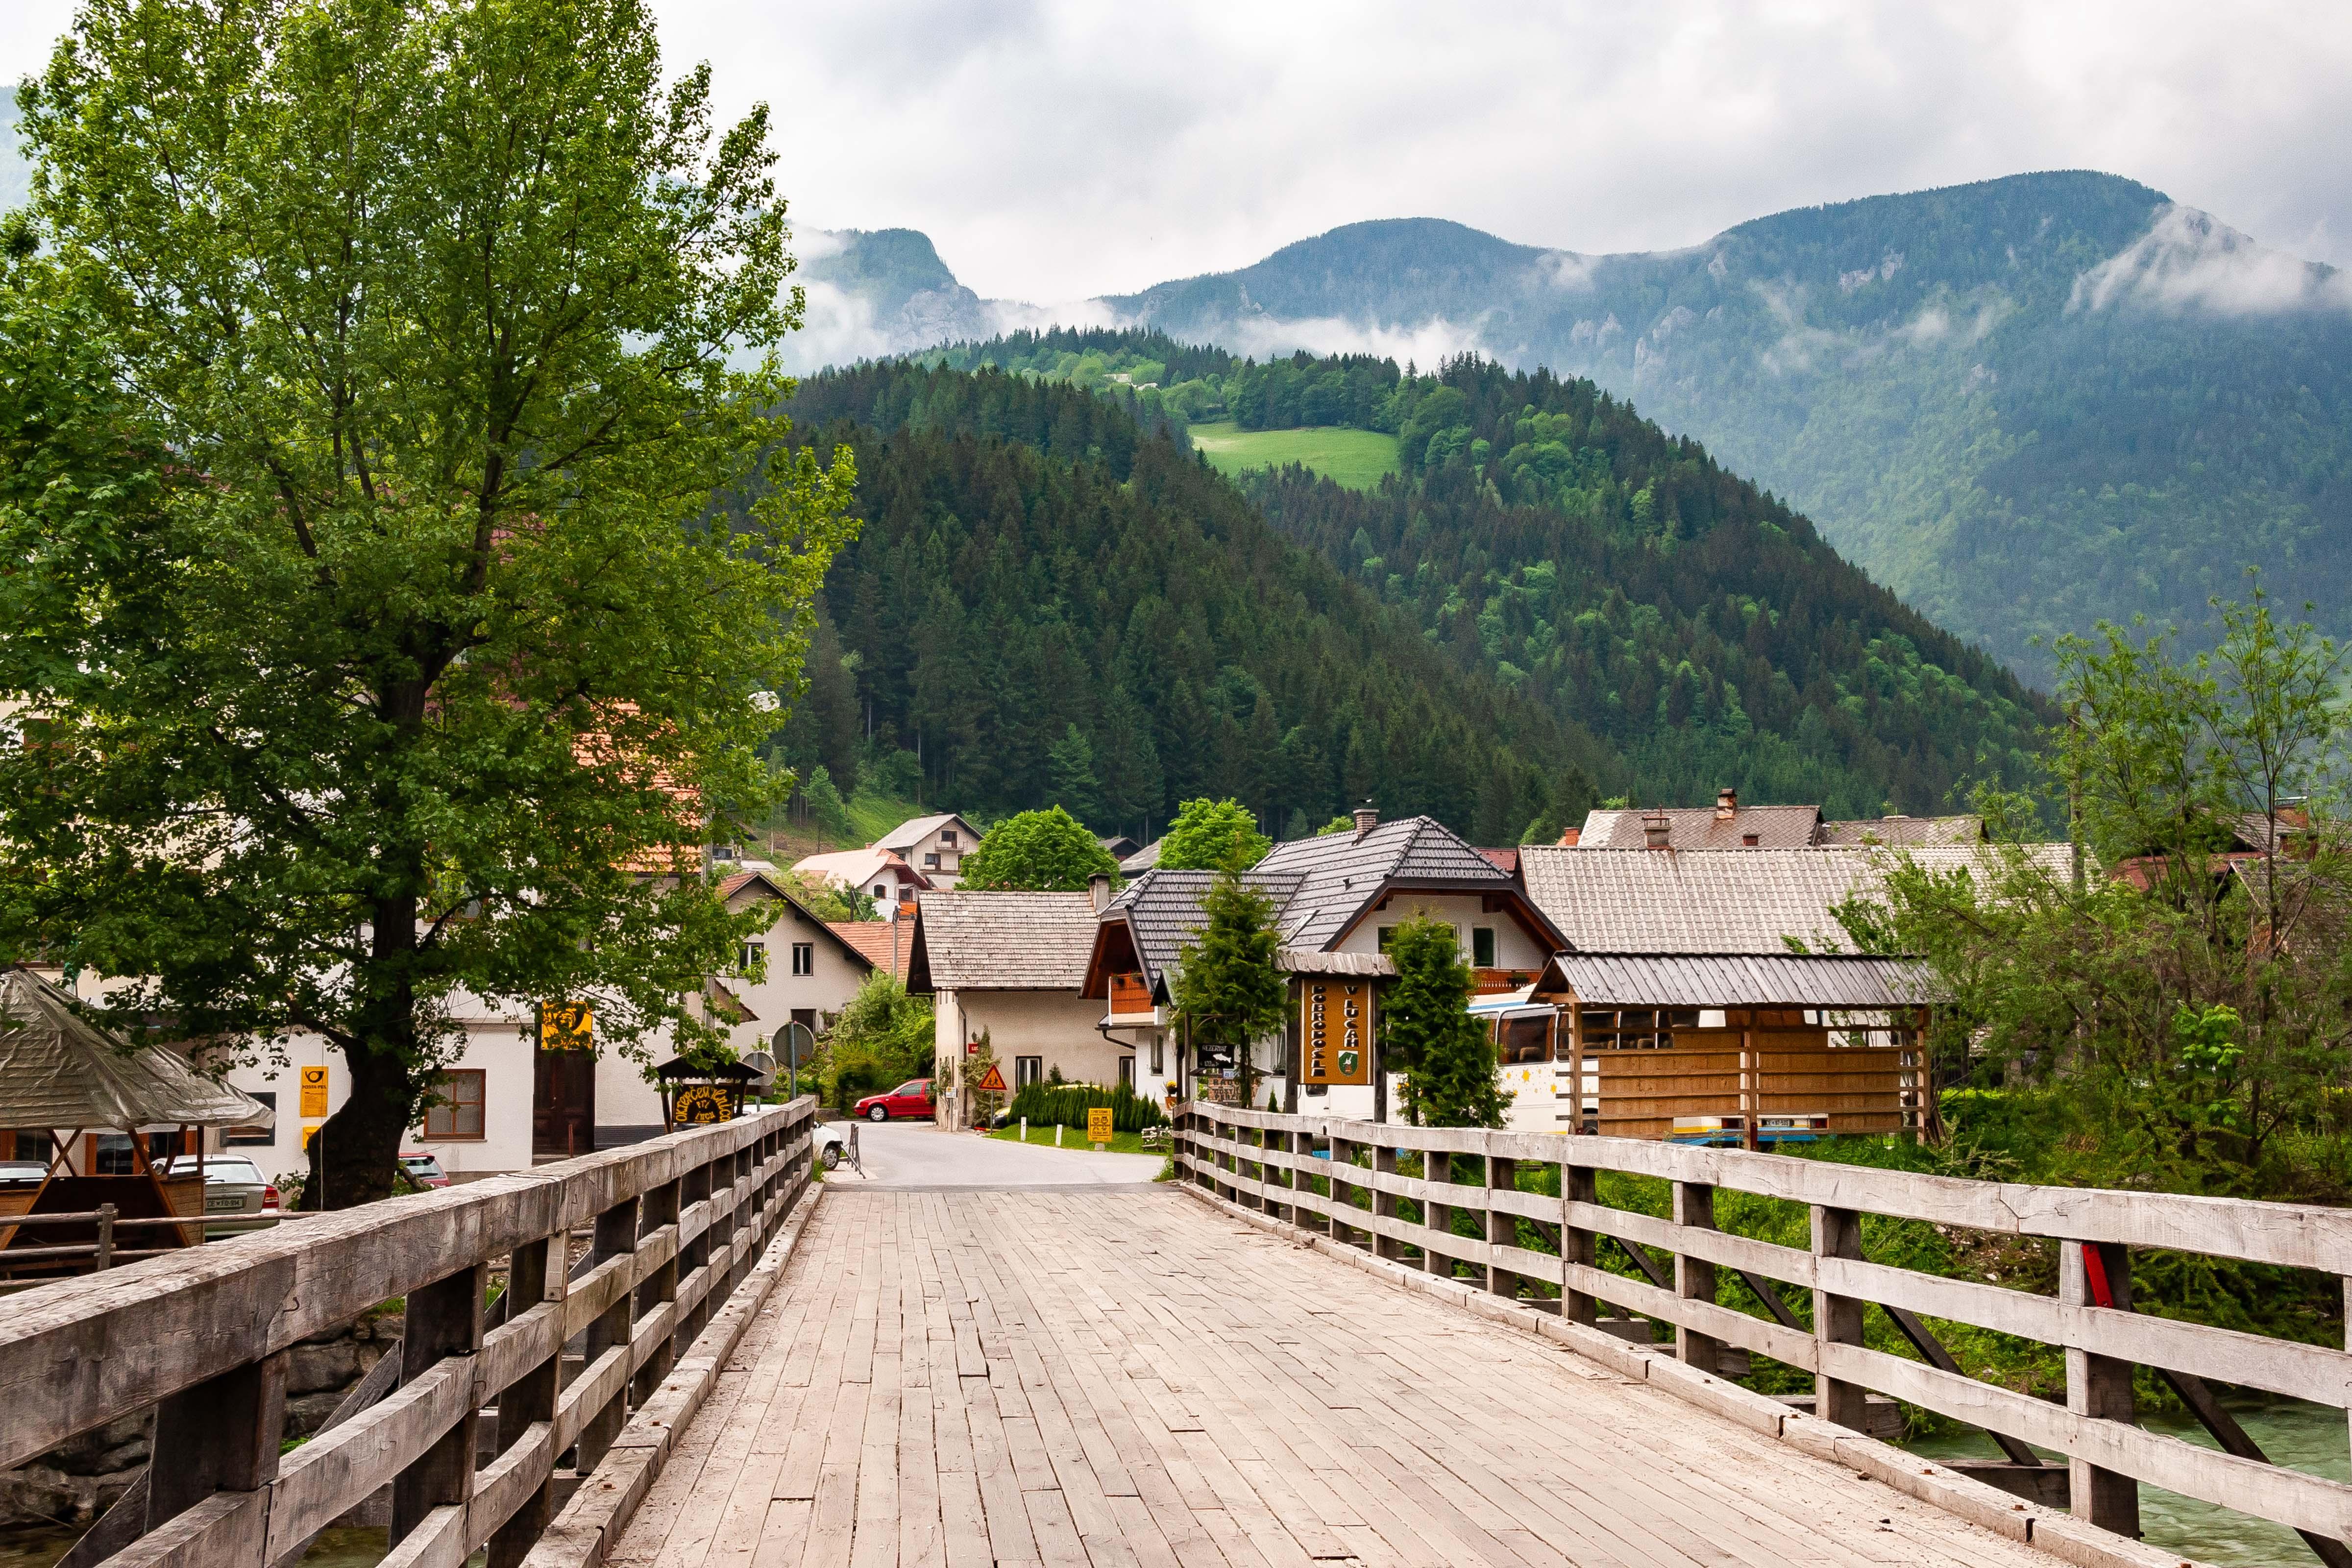 Slovenia, Luce Prov, Bridge To Mountain, 2006, IMG 8371